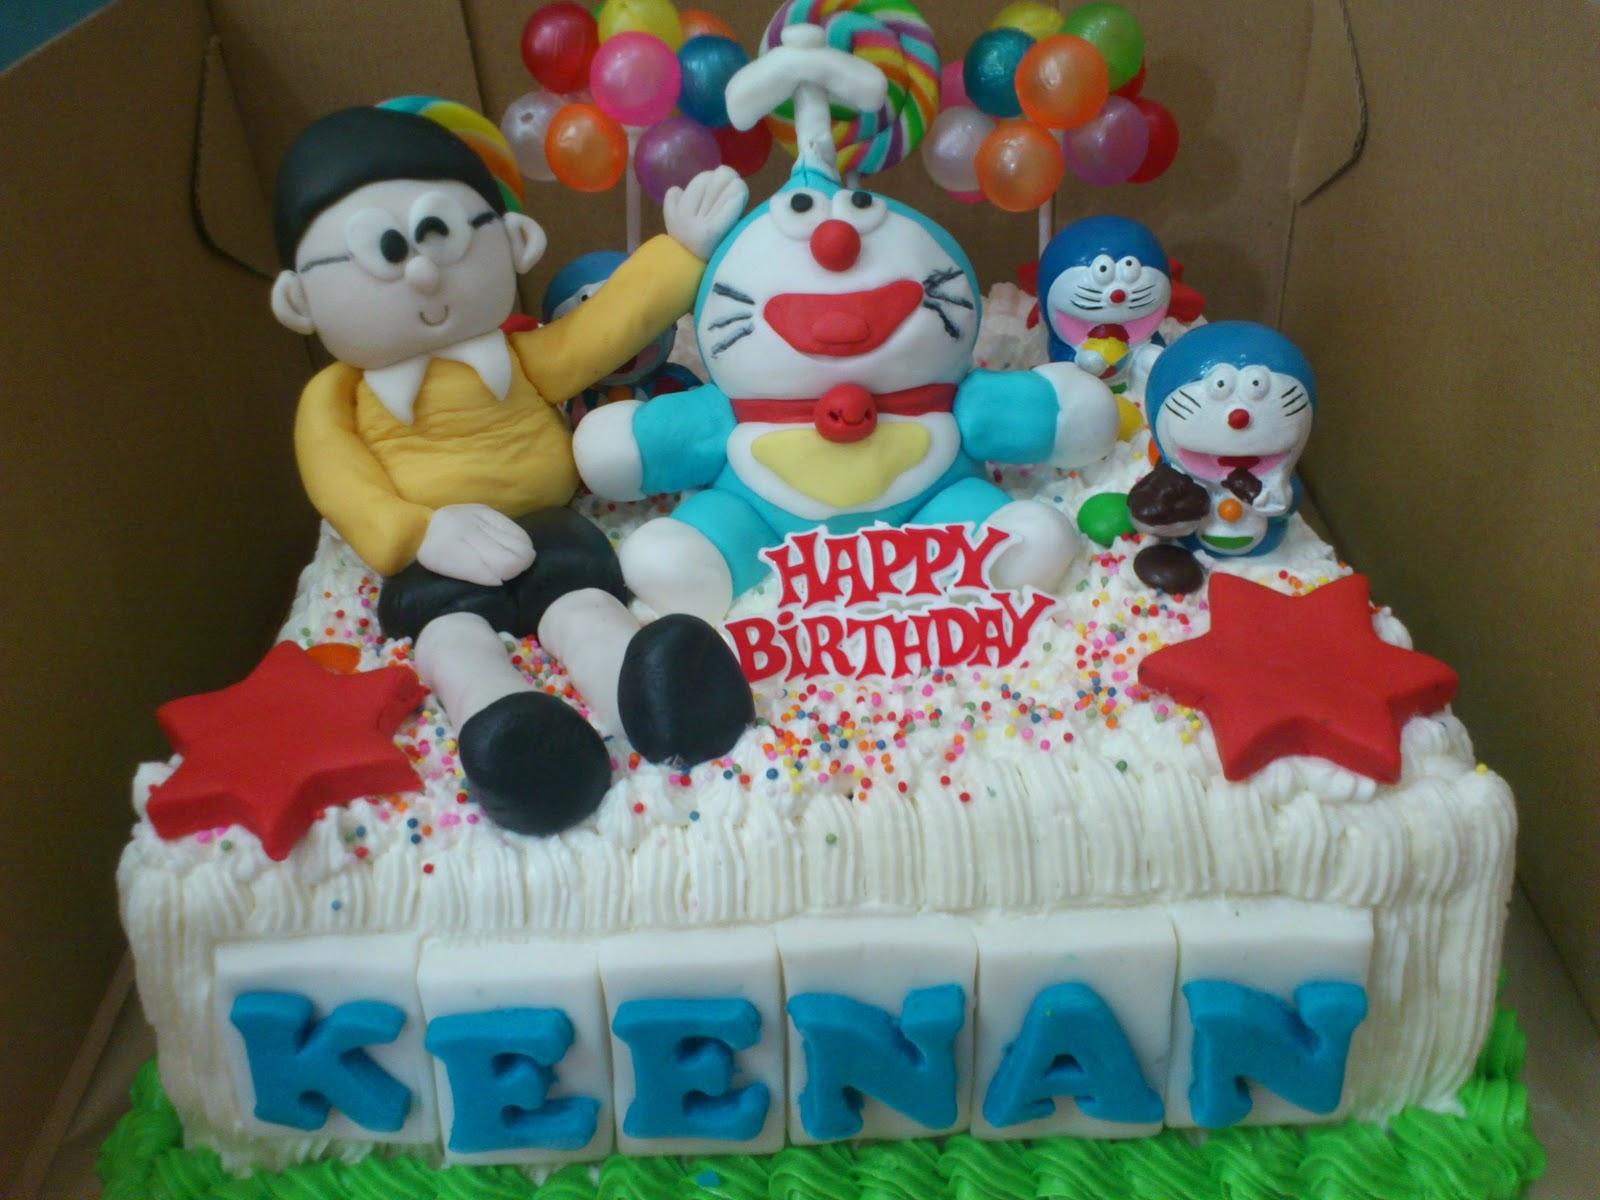 Image Kue Ulang Tahun Lucu : 14 Kue Ulang Tahun Anak Tema Doraemon Lucu-Lucu Banget ...